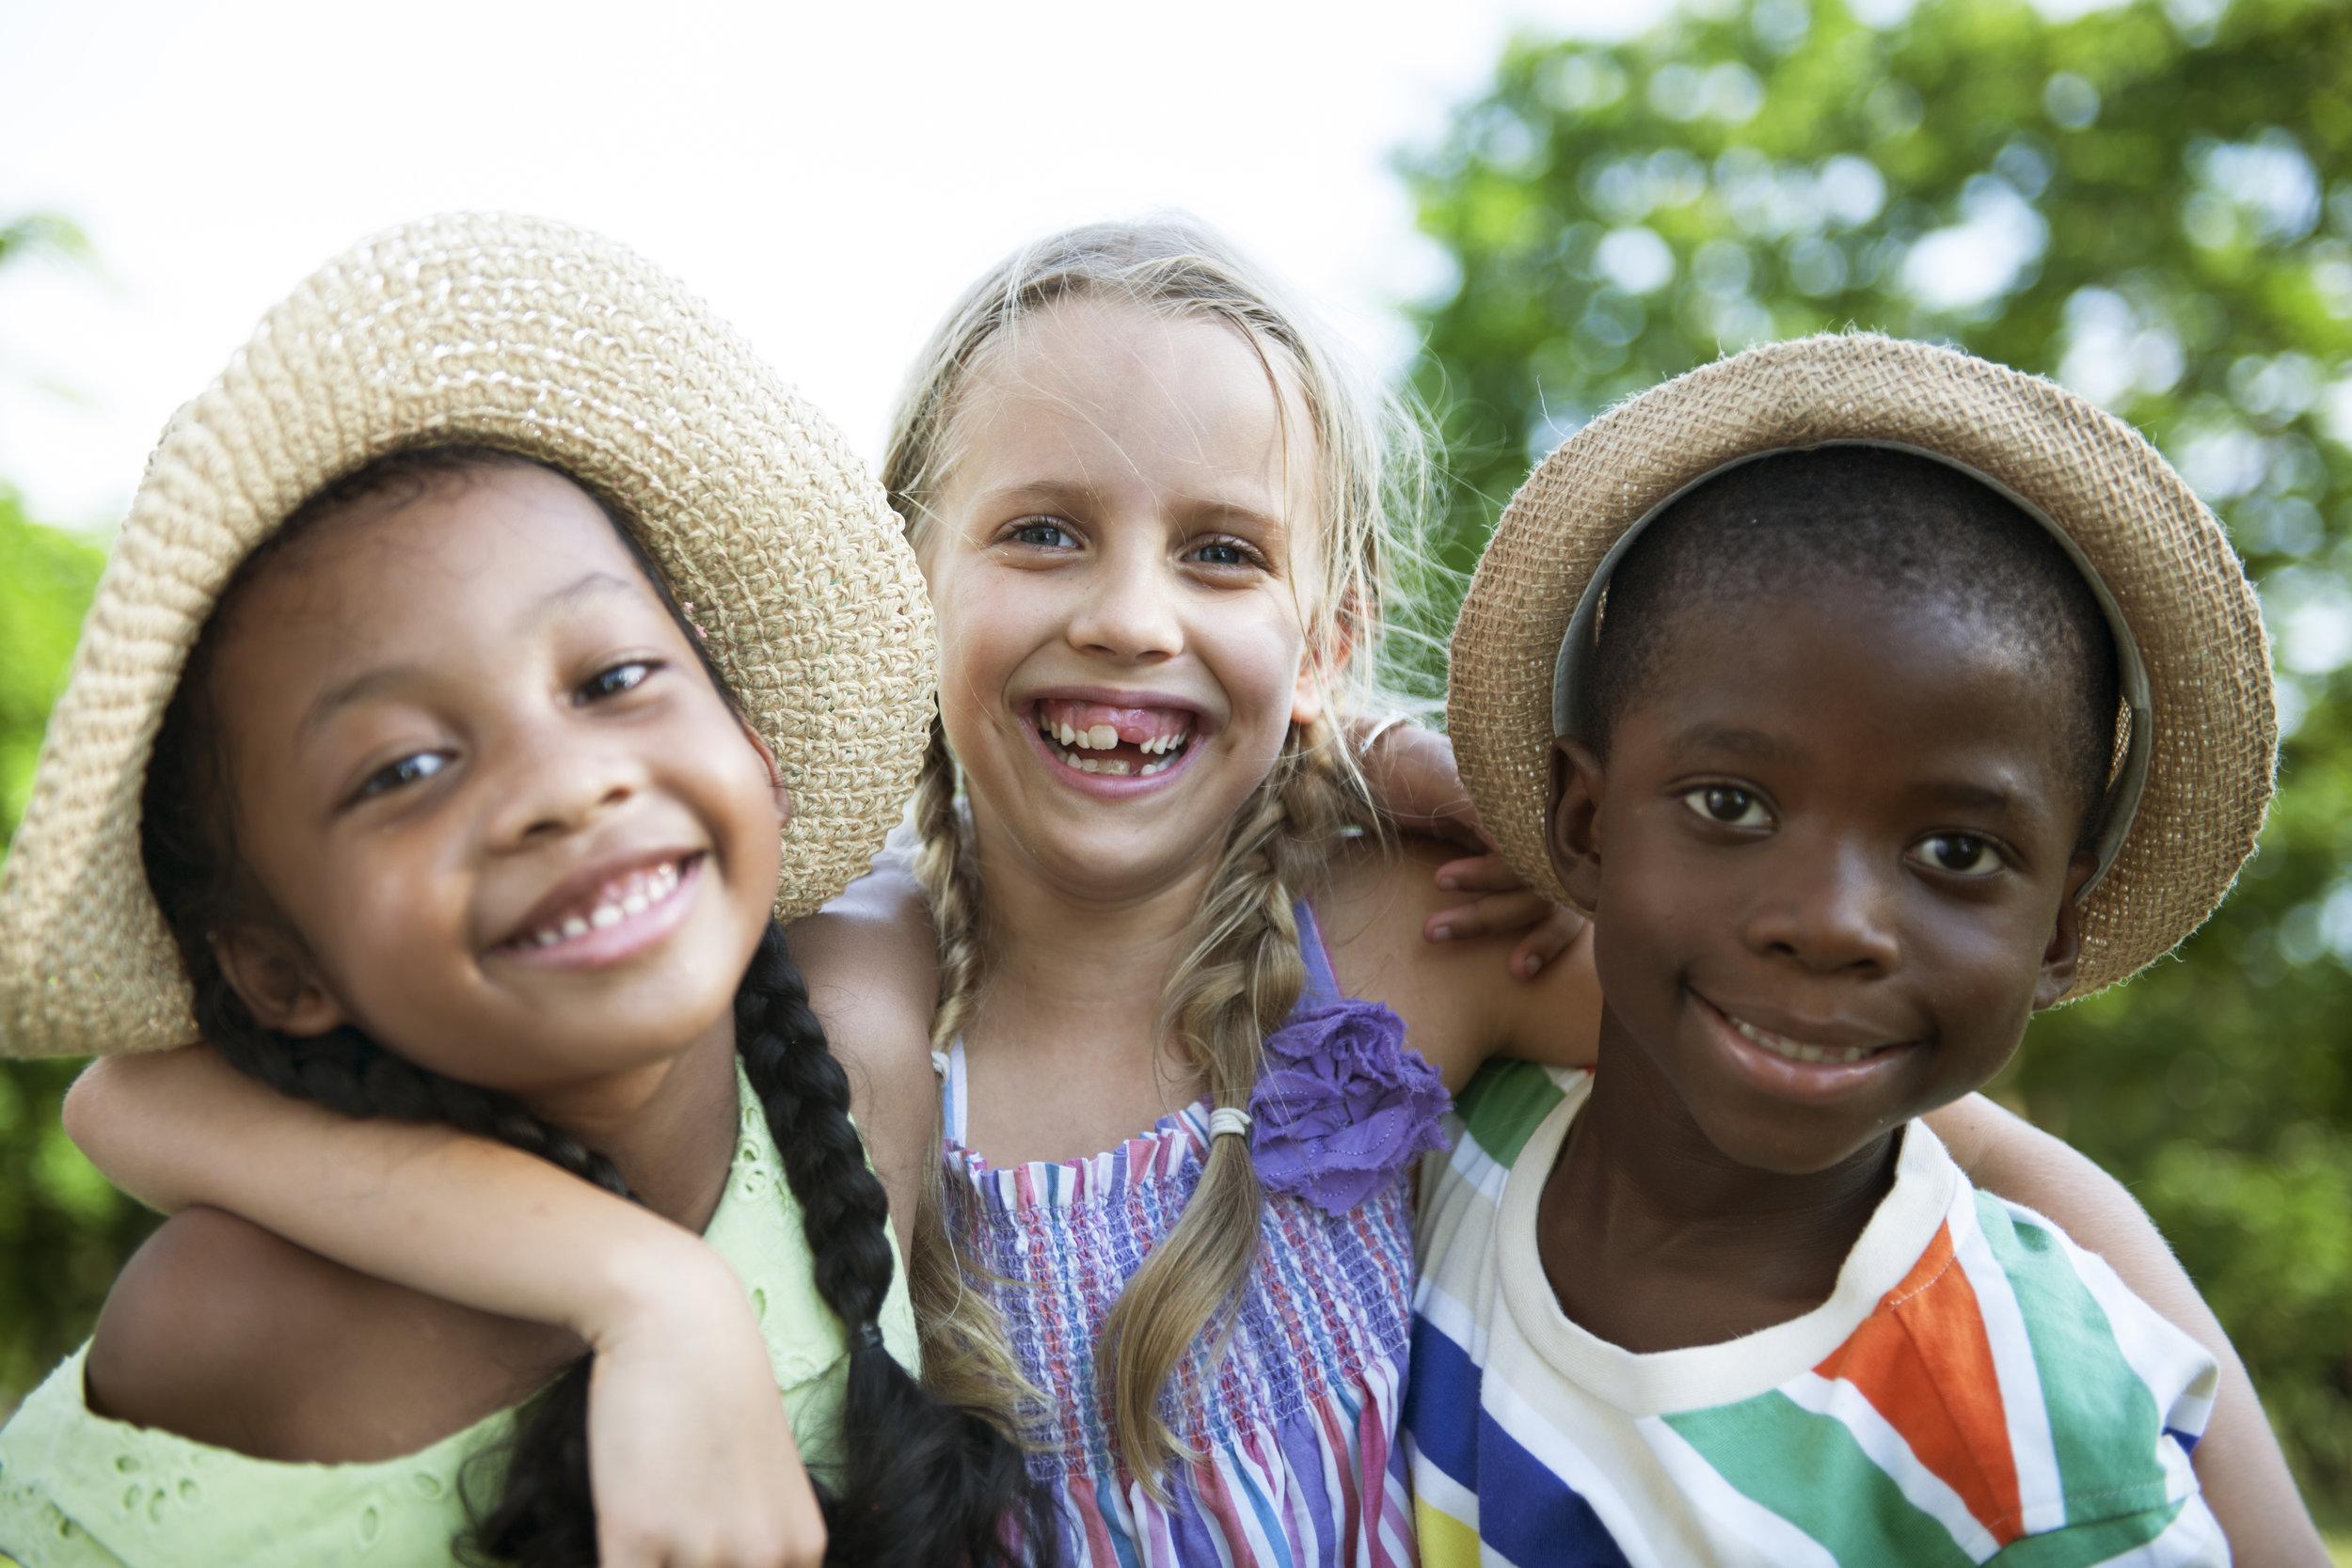 child-friends-boys-girls-playful-nature-offspring-PDP4WFK.jpg